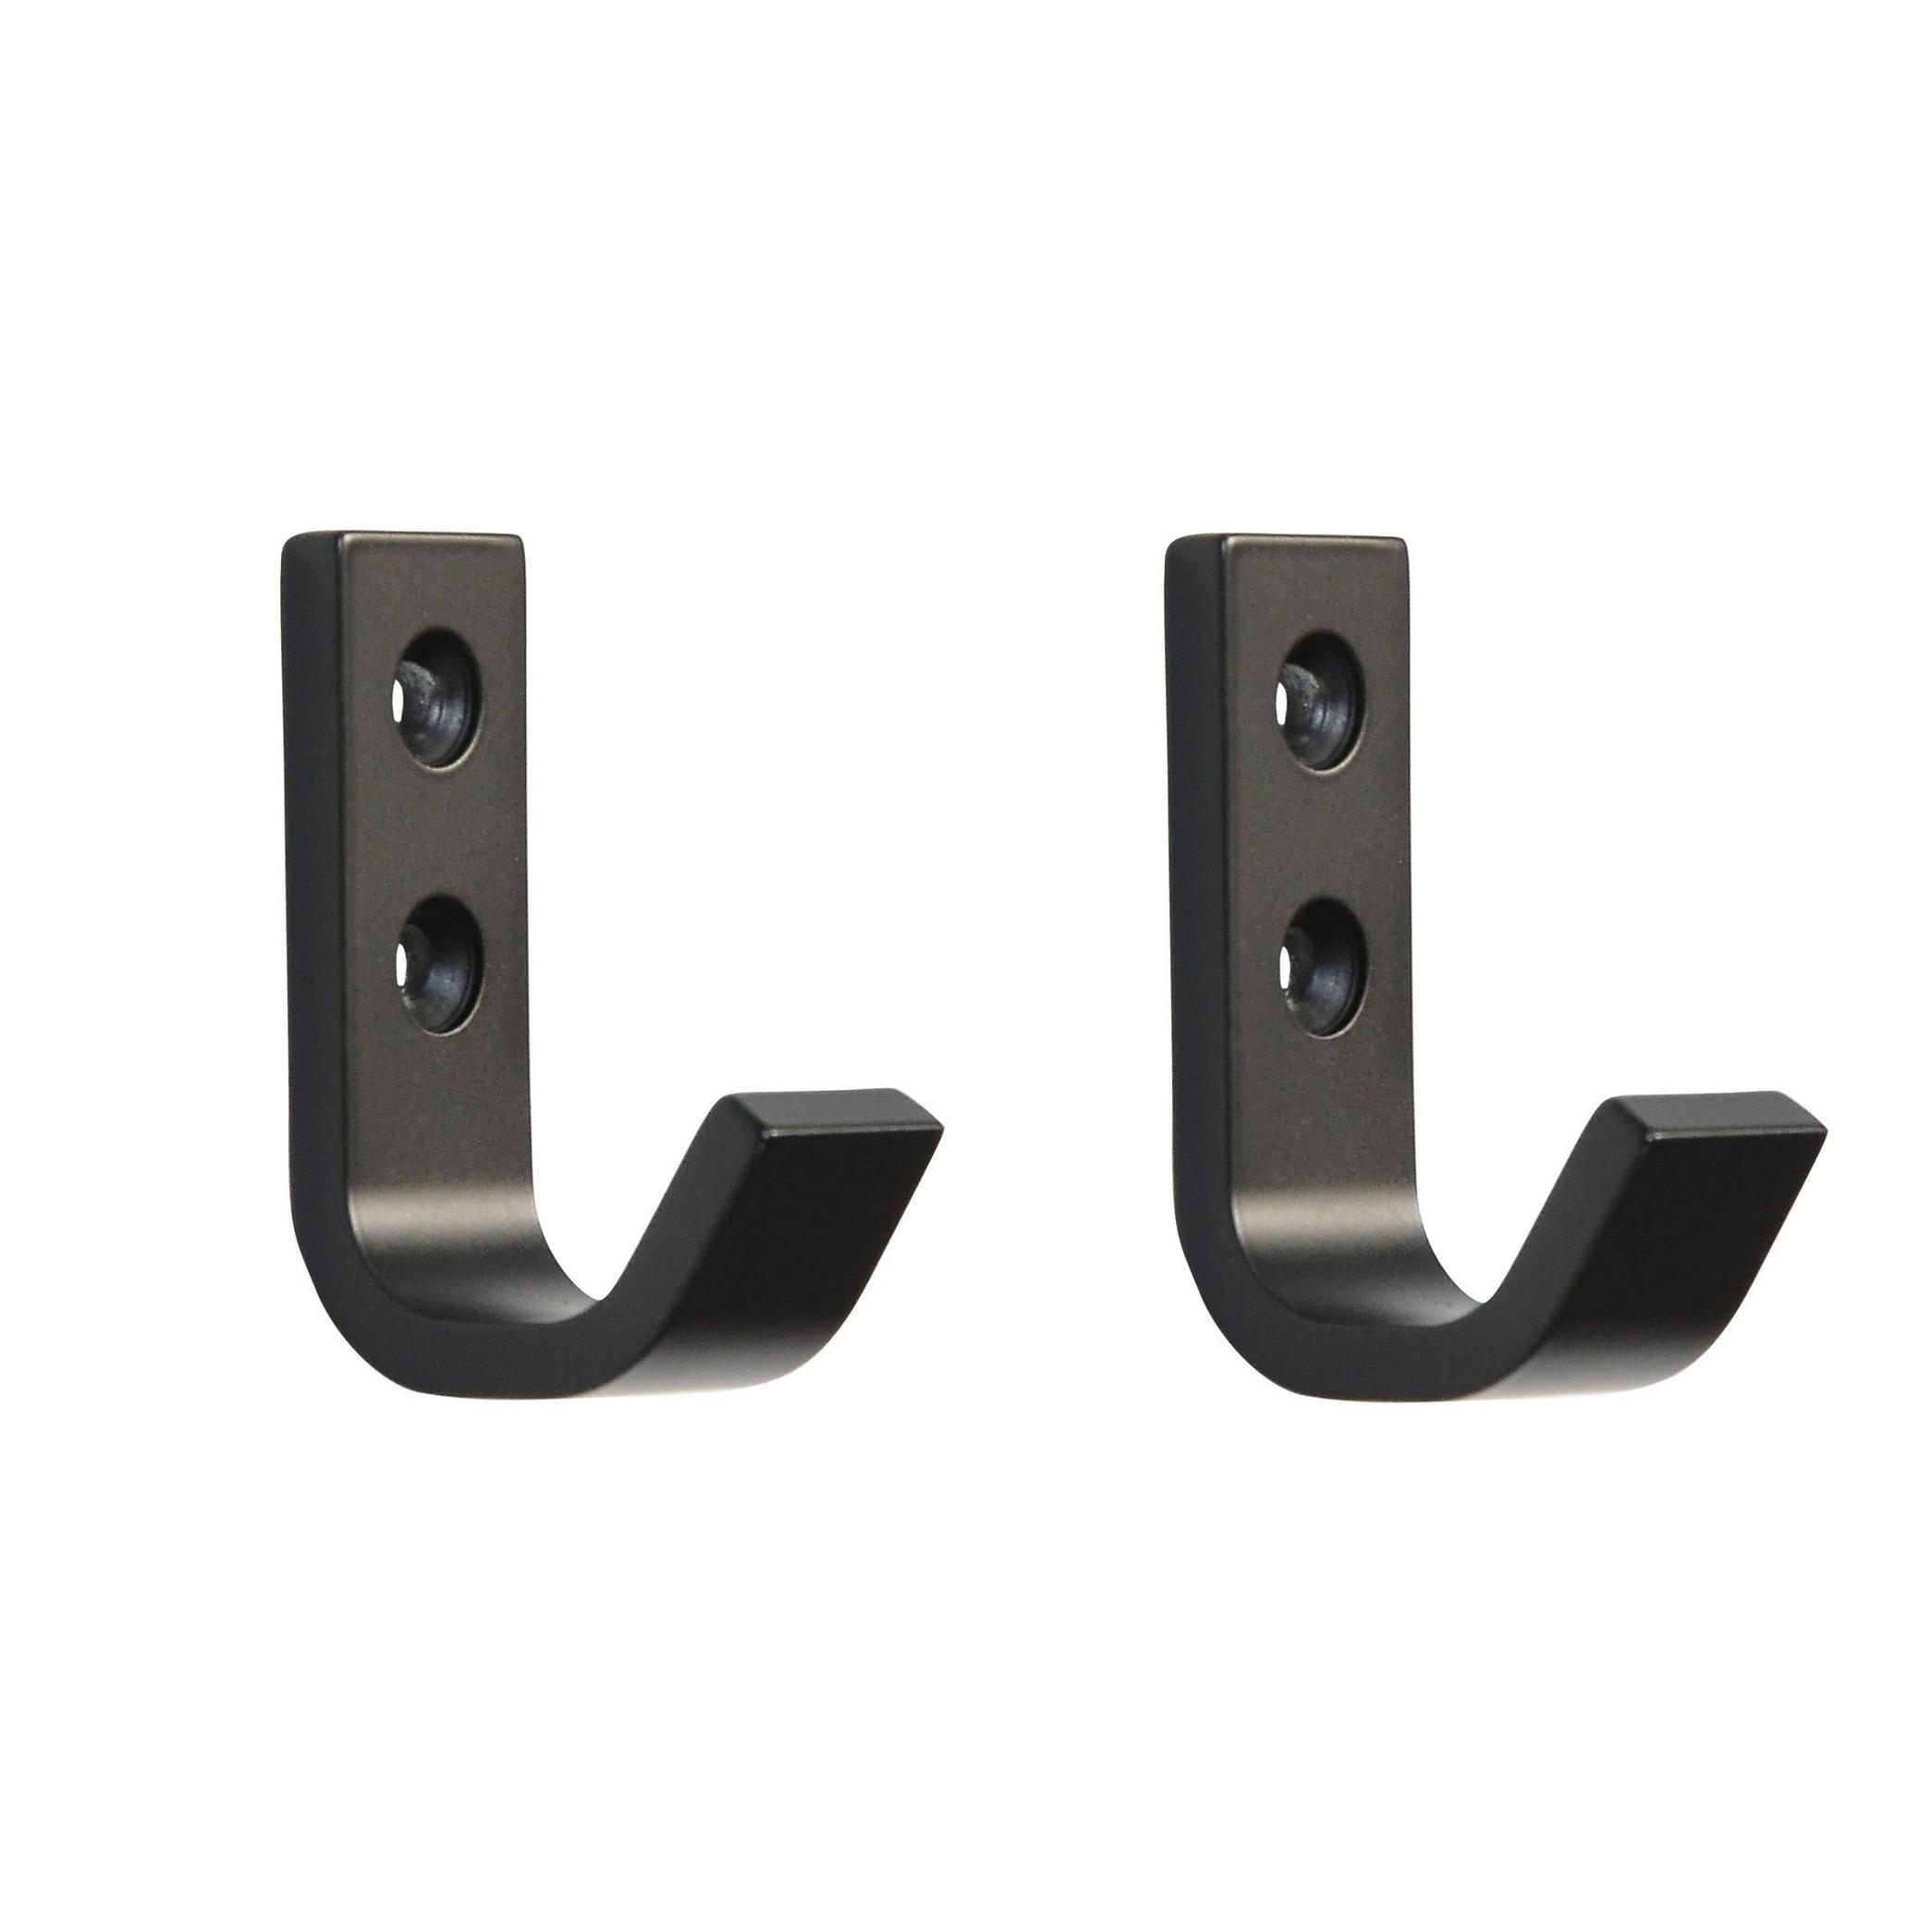 4x Luxe kapstokhaken-jashaken-kapstokhaakjes zwart hoogwaardig aluminium 5,4 x 3,7 cm